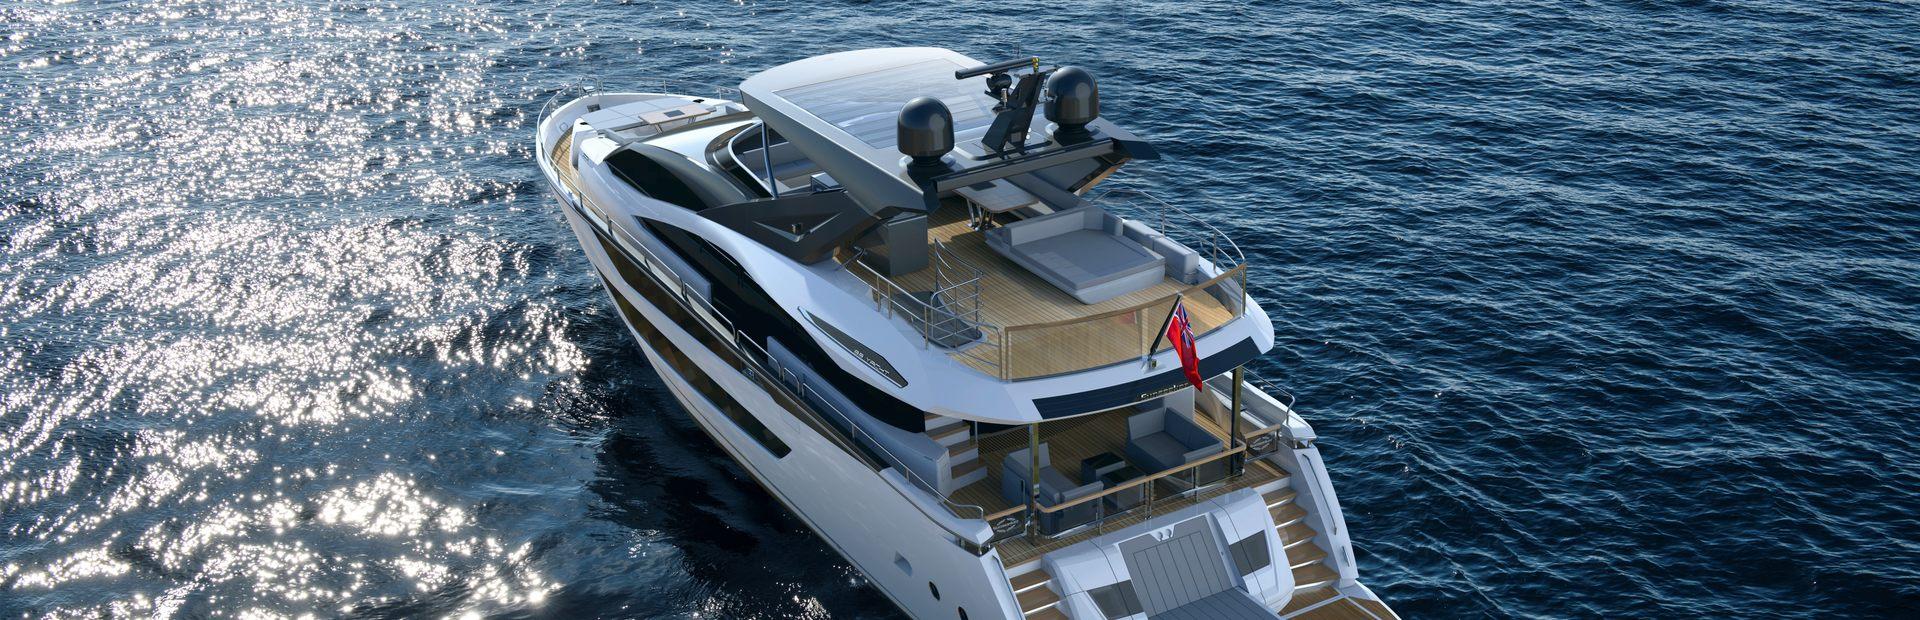 88 Yacht Yacht Charter